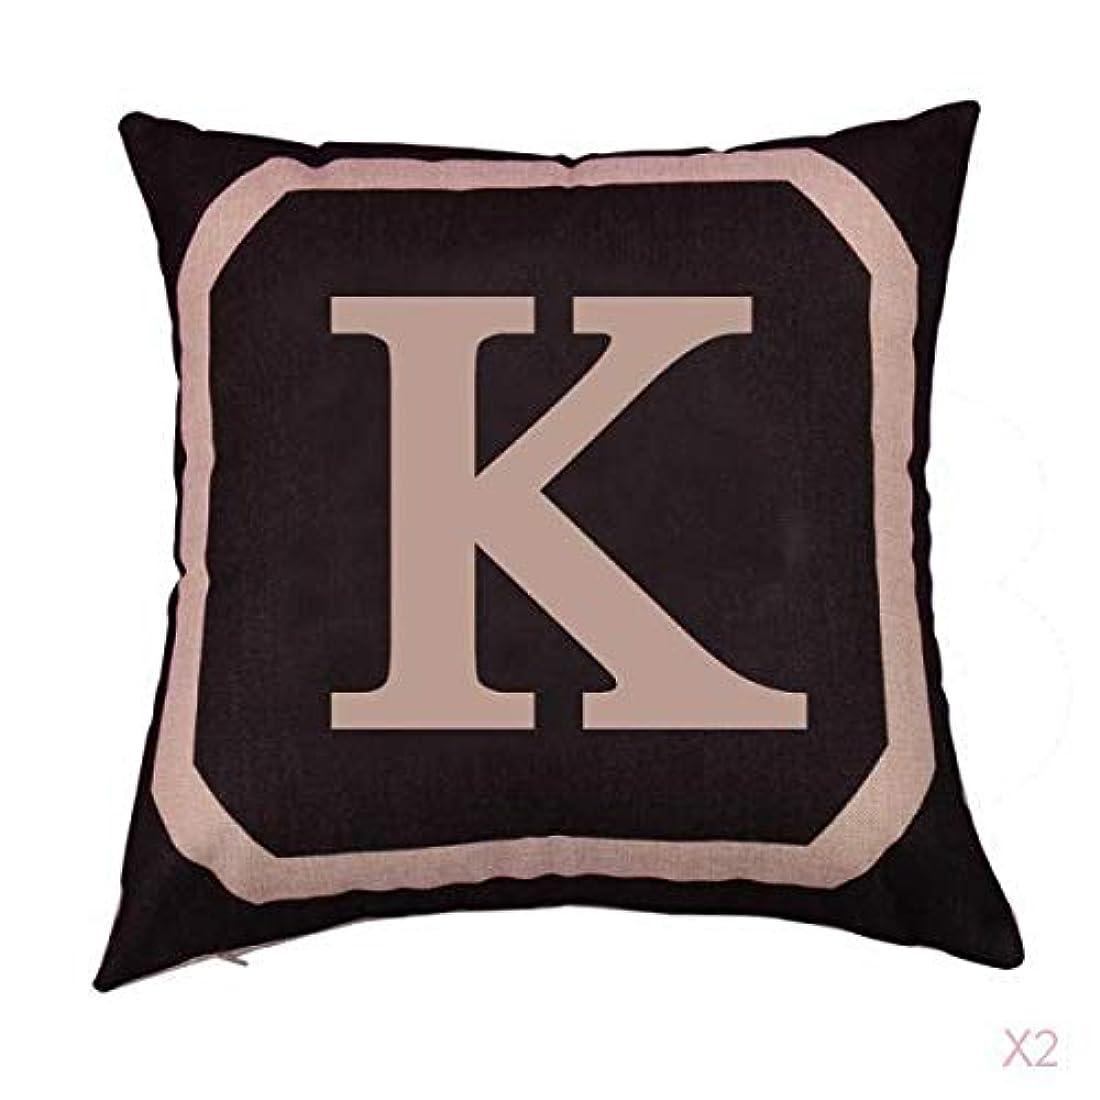 欺くアジャ興奮正方形の綿のリネンスローピローケース腰クッションカバーベッドソファ装飾kを